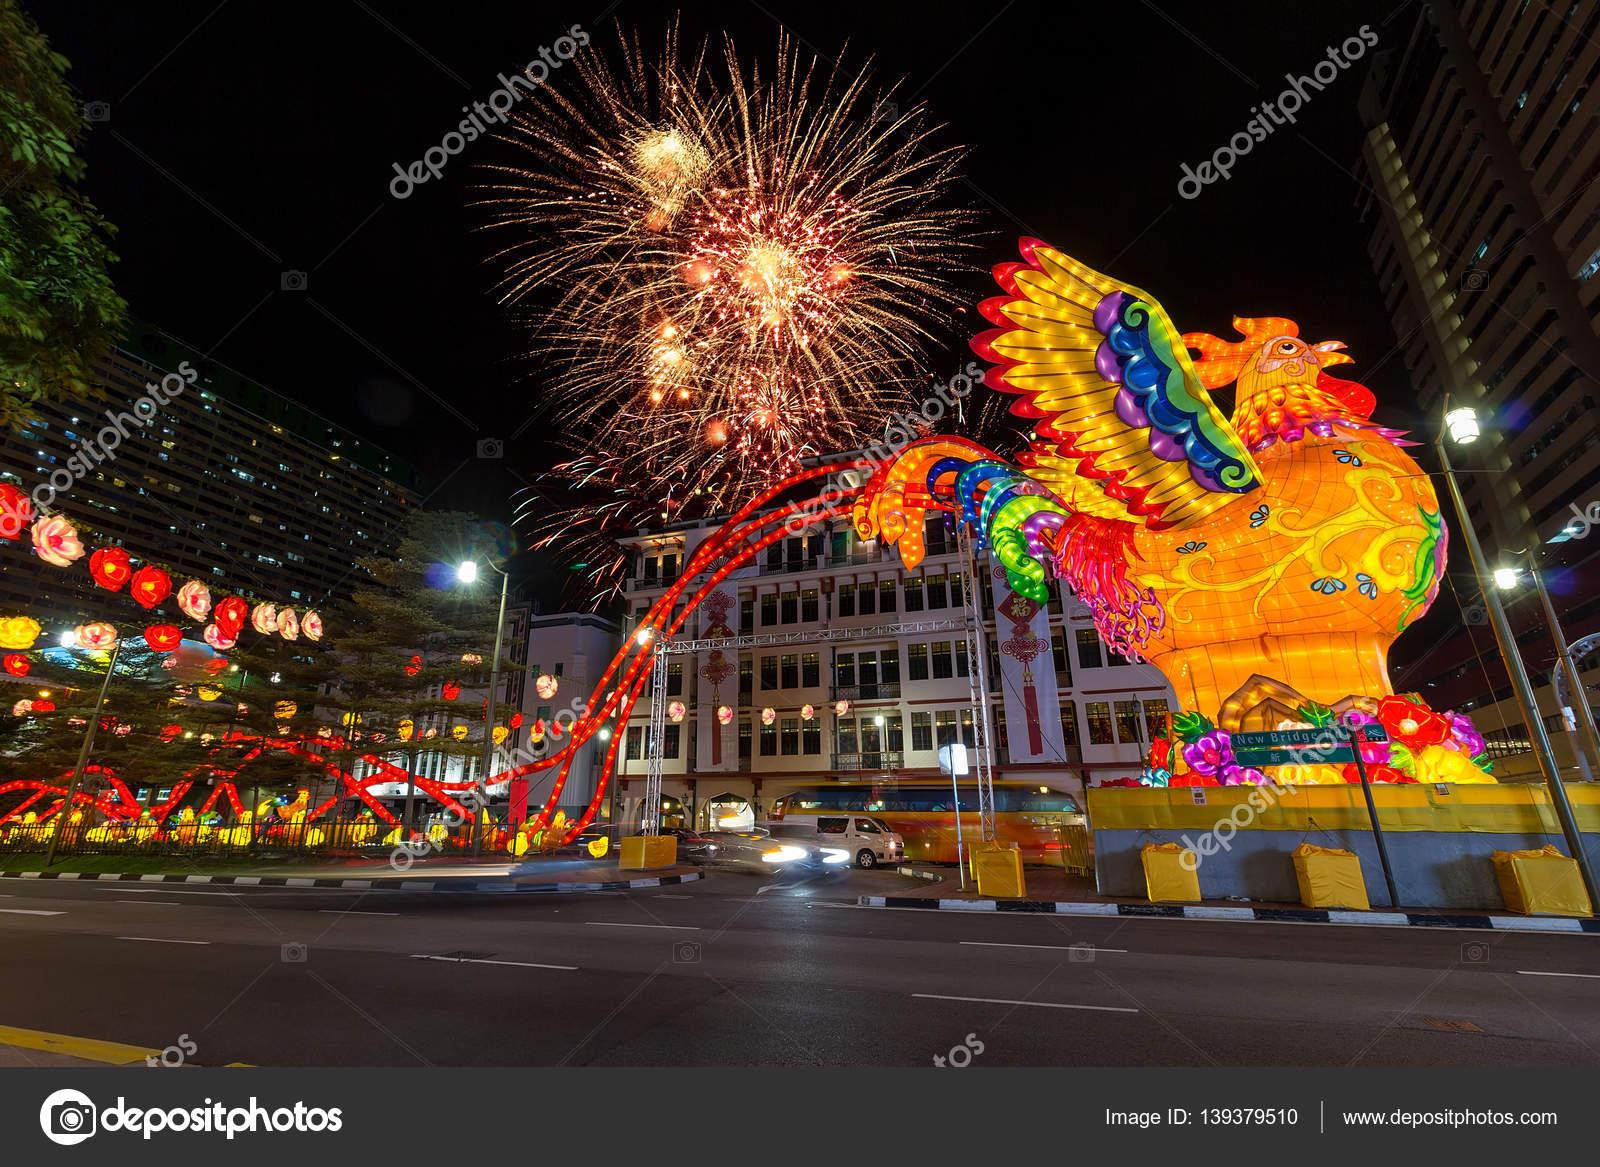 singapore chinatown 2017 chinese new year fireworks stock photo 139379510 - Chinese New Year Fireworks